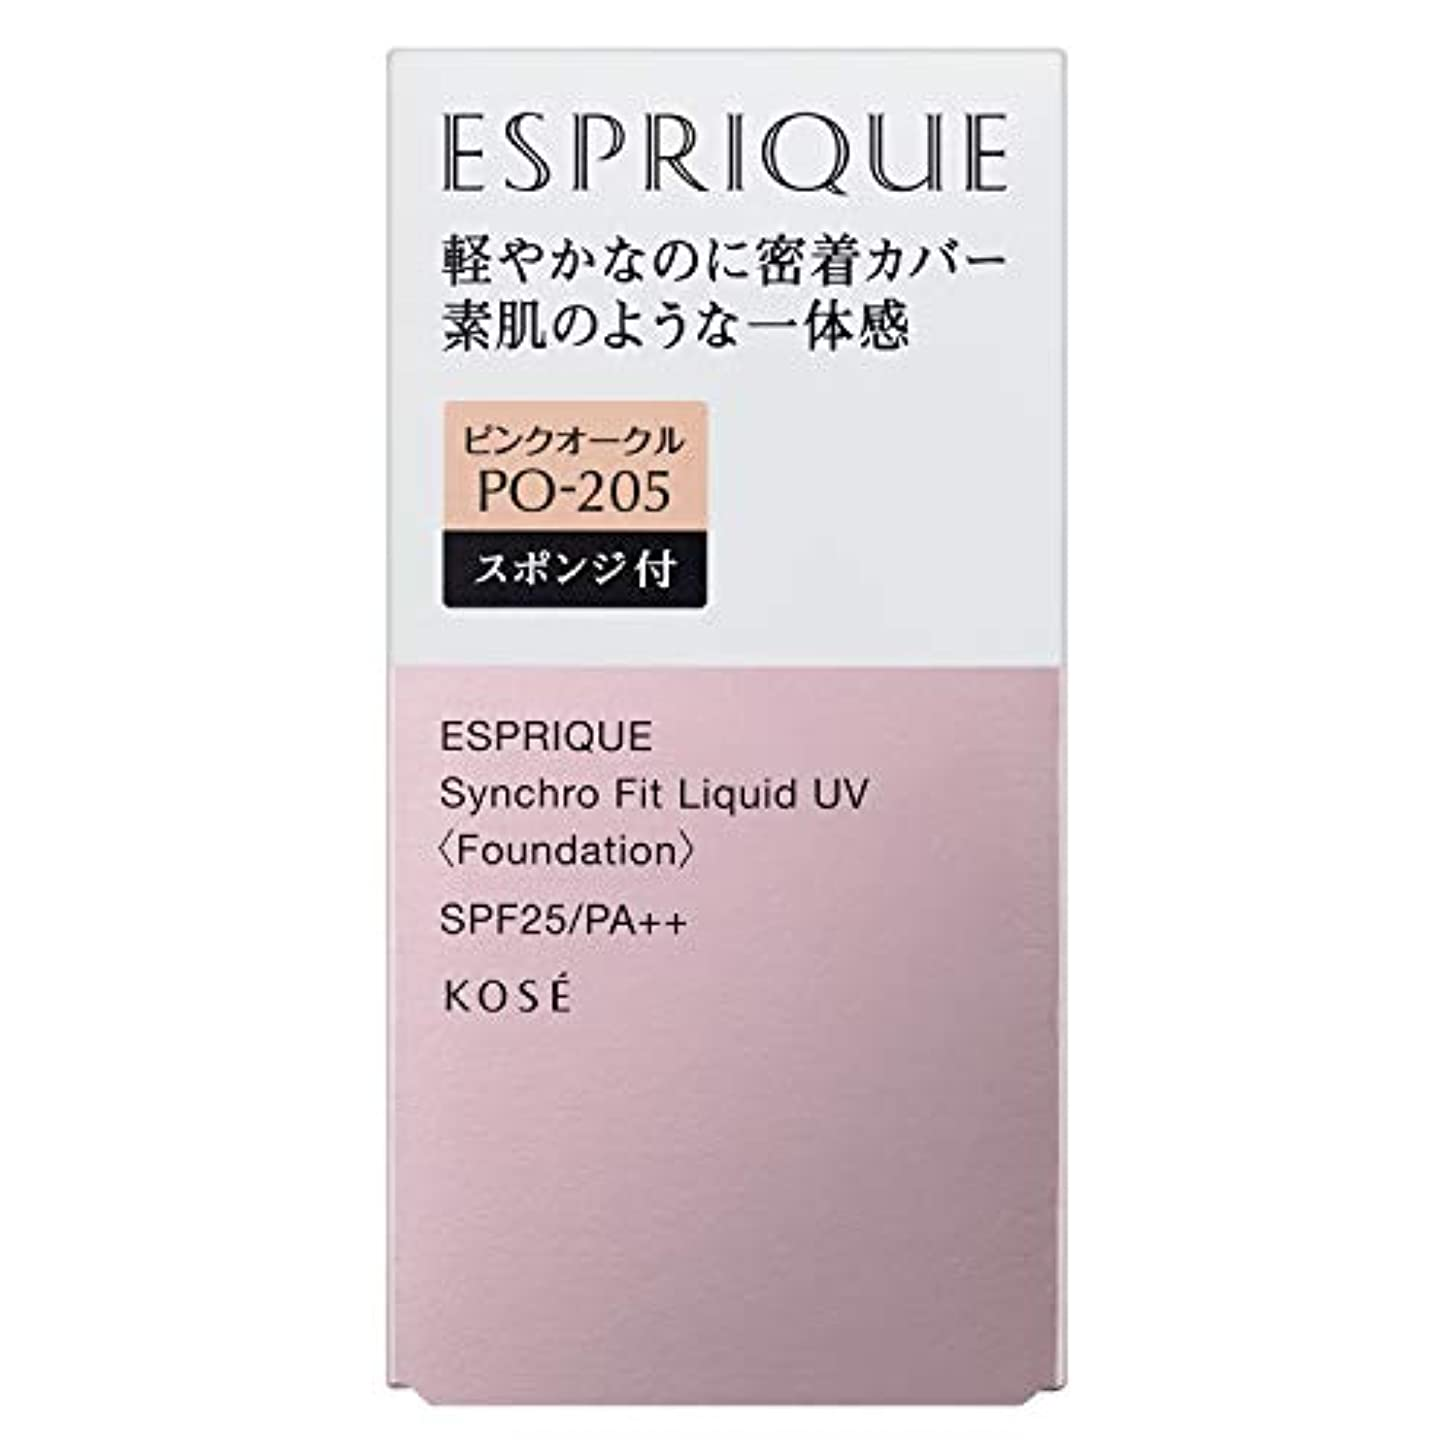 花束面積証言ESPRIQUE(エスプリーク) エスプリーク シンクロフィット リキッド UV ファンデーション 無香料 PO-205 ピンクオークル 30g